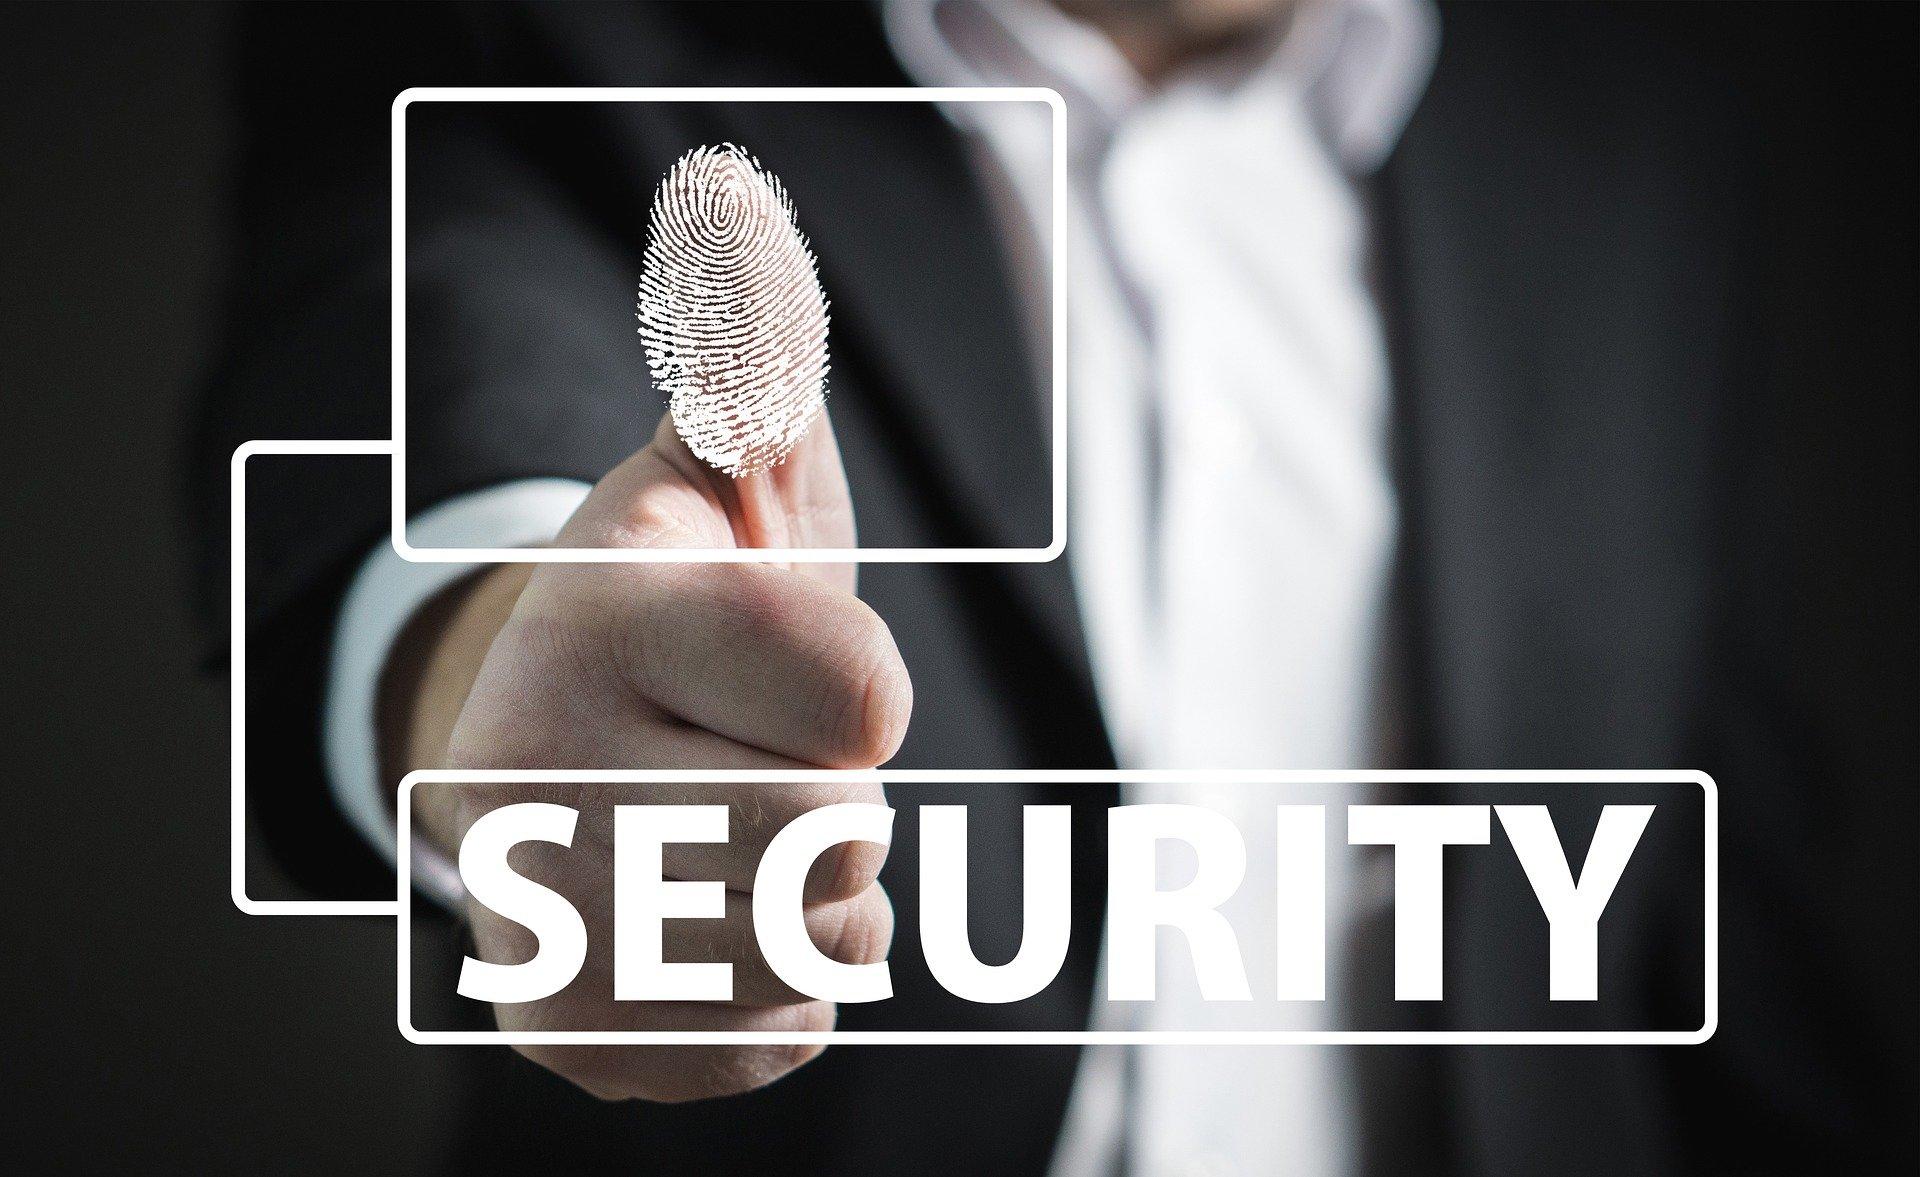 A Lei está em vigor desde setembro de 2020 com o objetivo de garantir a privacidade de cada cidadão.